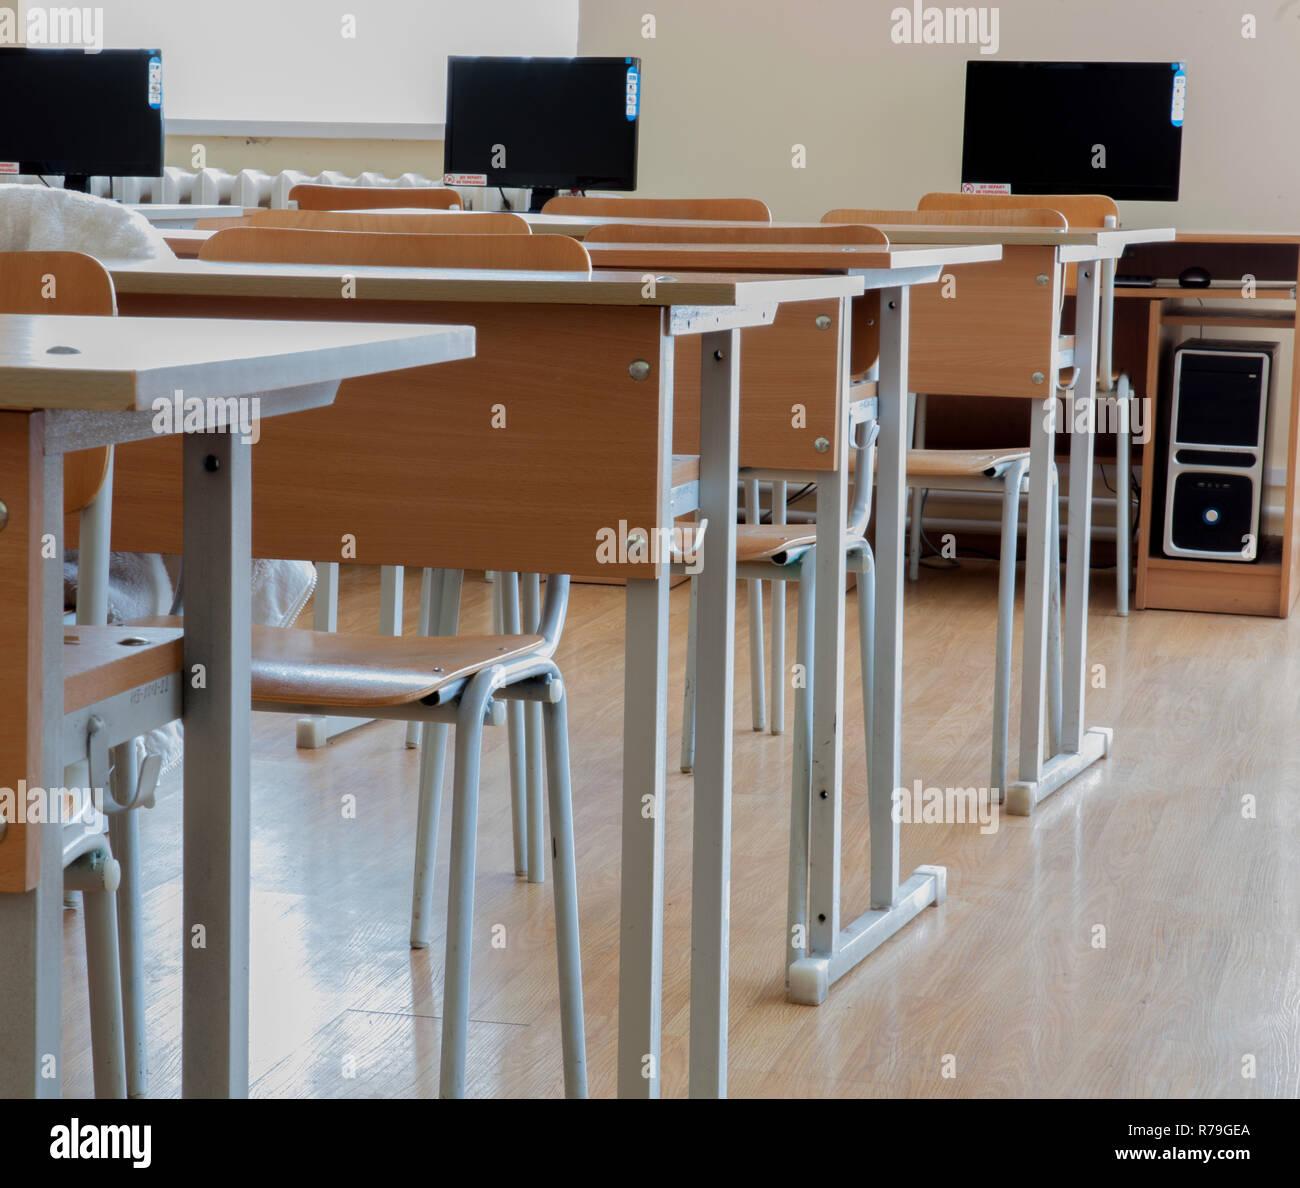 Elementary school classroom in Ukraine, school desks in the ...